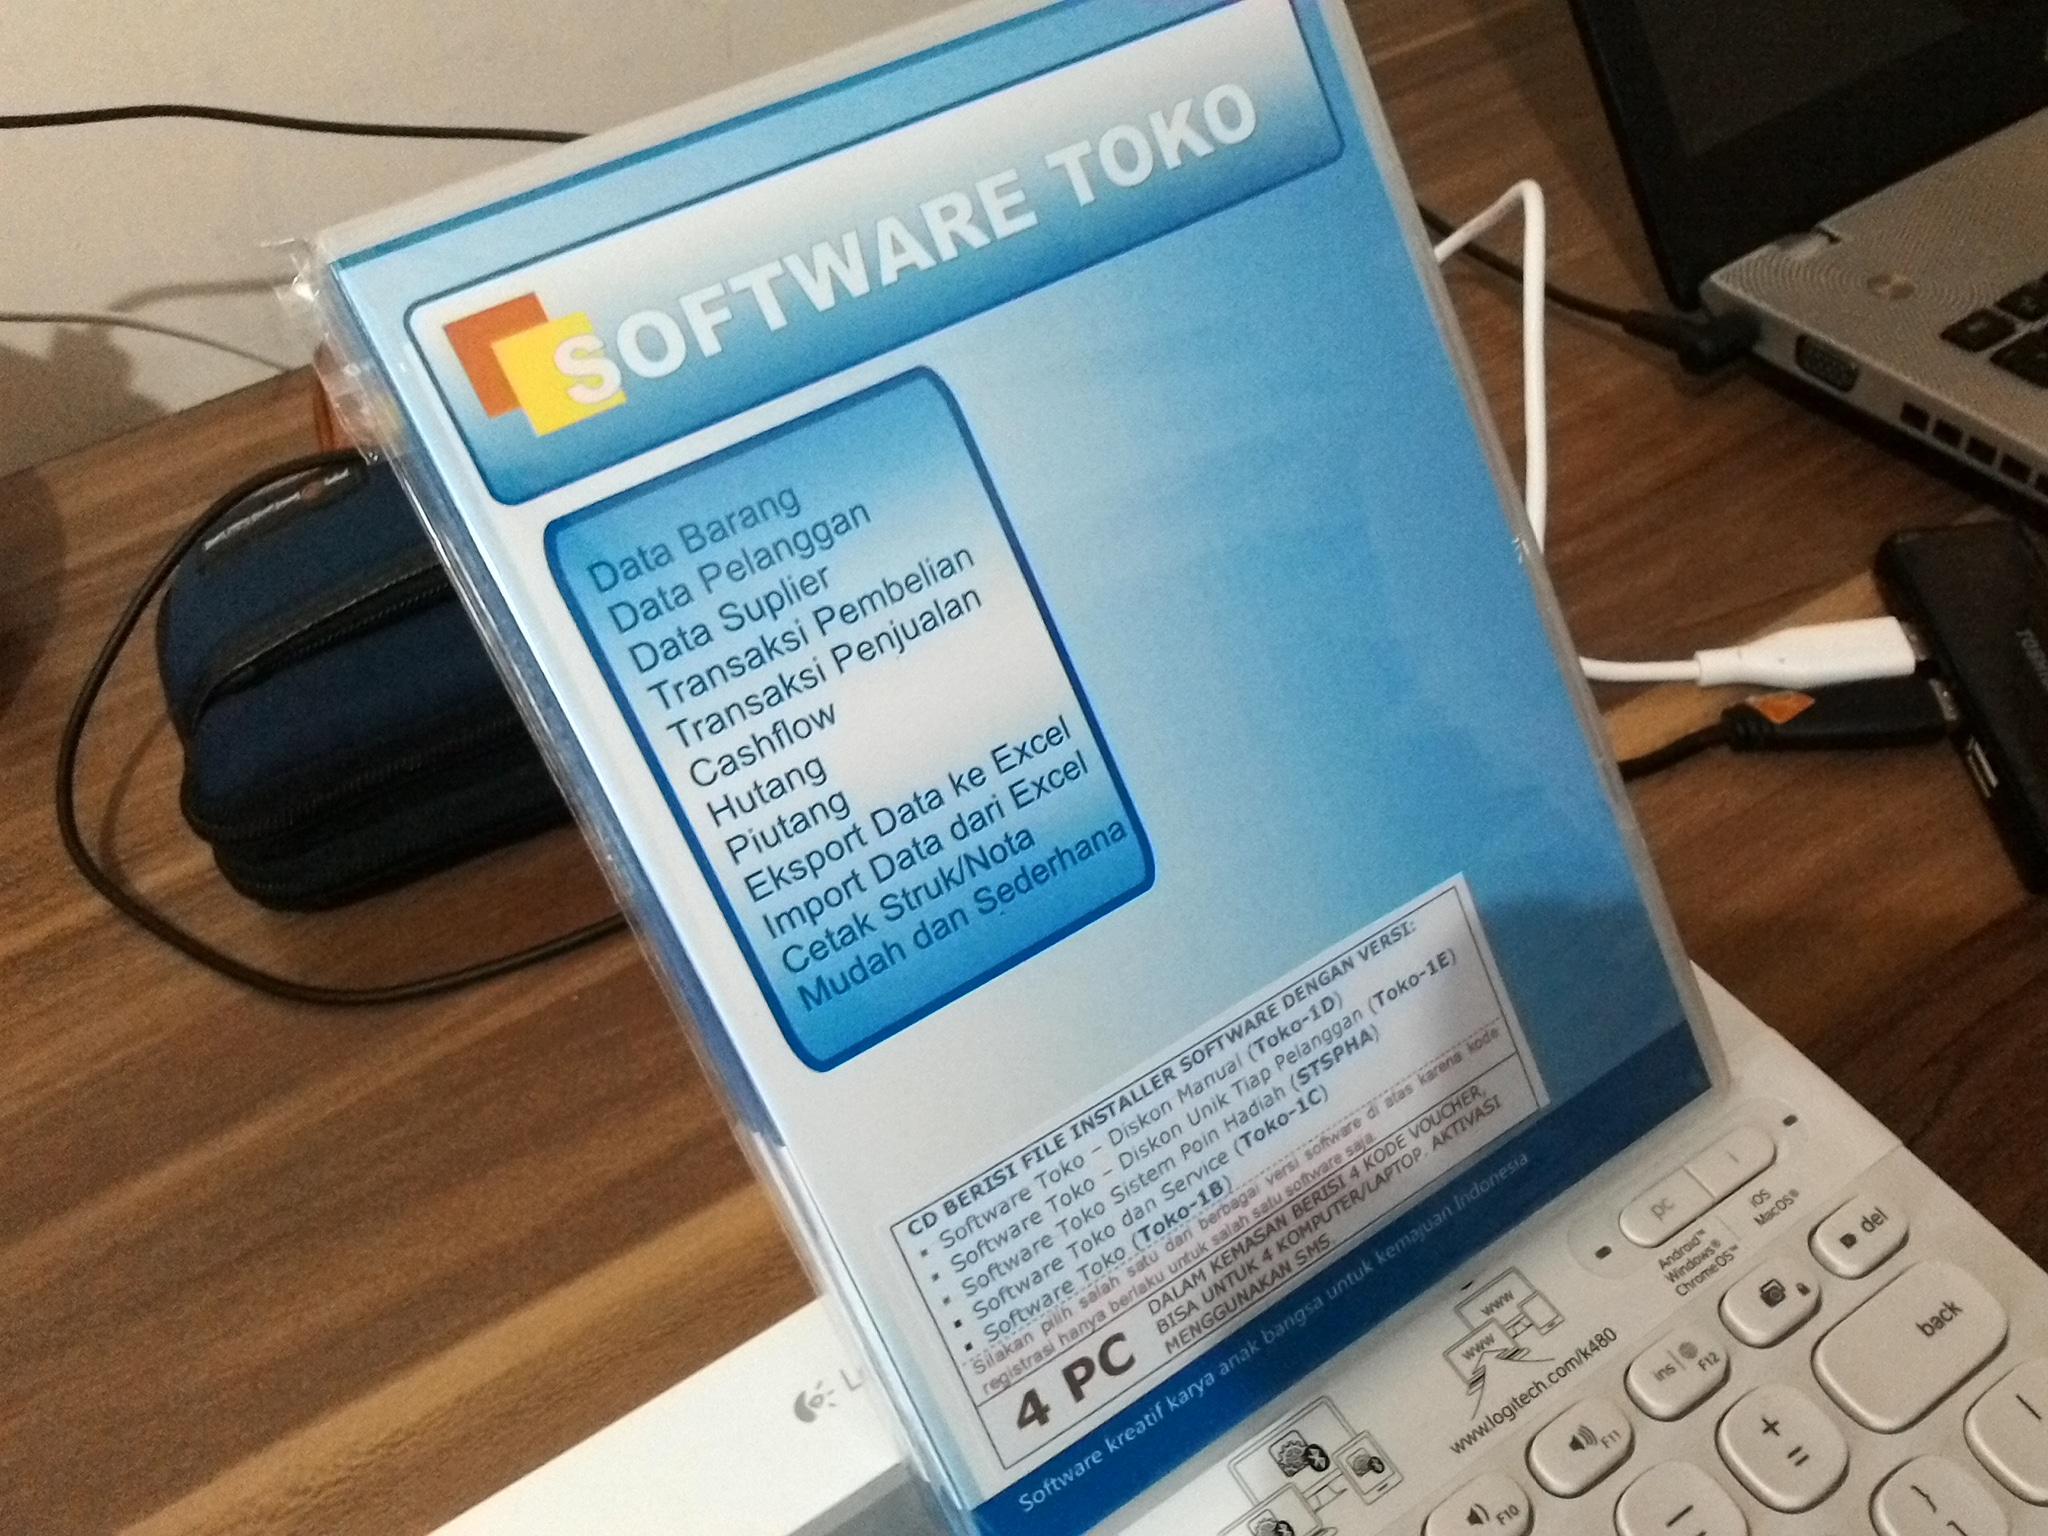 Premium Dvd Software Aplikasi Toko Dan Kasir V6 Daftar Harga Otomax 314 Full Version Unlimited Aktifasi Server Pulsa Terlengkap Ter Termudah Program Alat Kesehatan Kecantikan 4pc